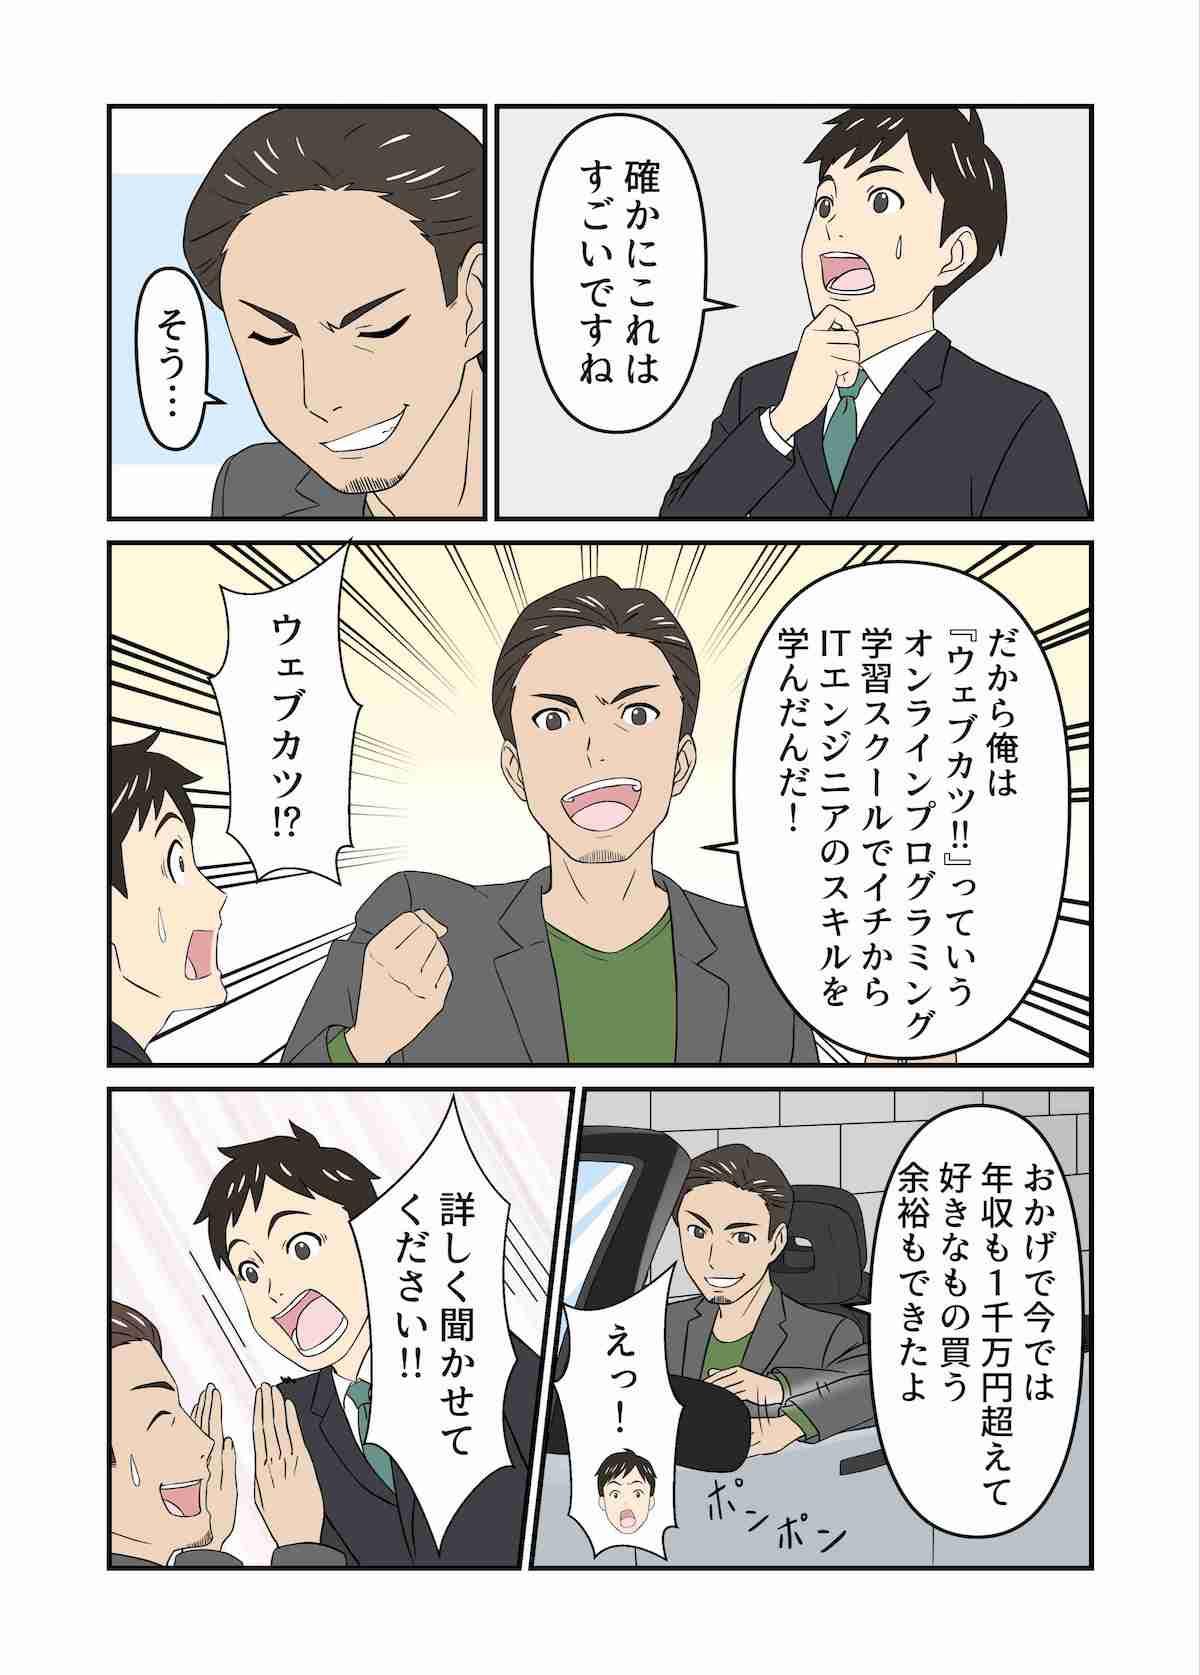 ウェブカツ漫画5ページ目